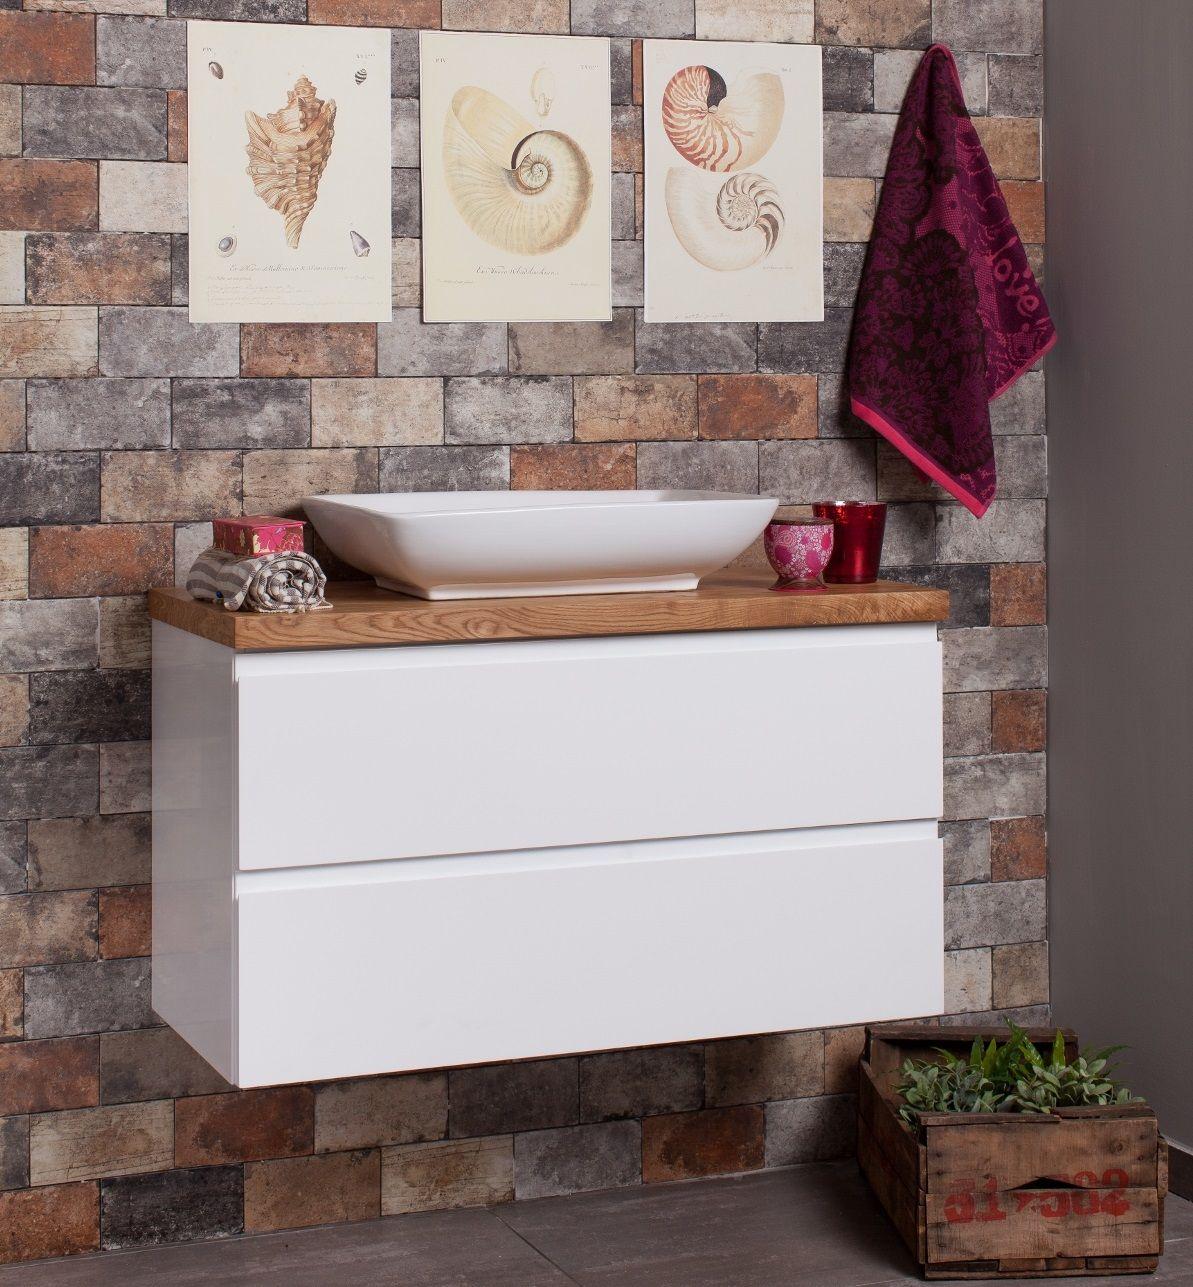 ארון אמבט מסדרת נובל דגם זוהר עם פלטת בוצ ר בלוק Bathroom Sink